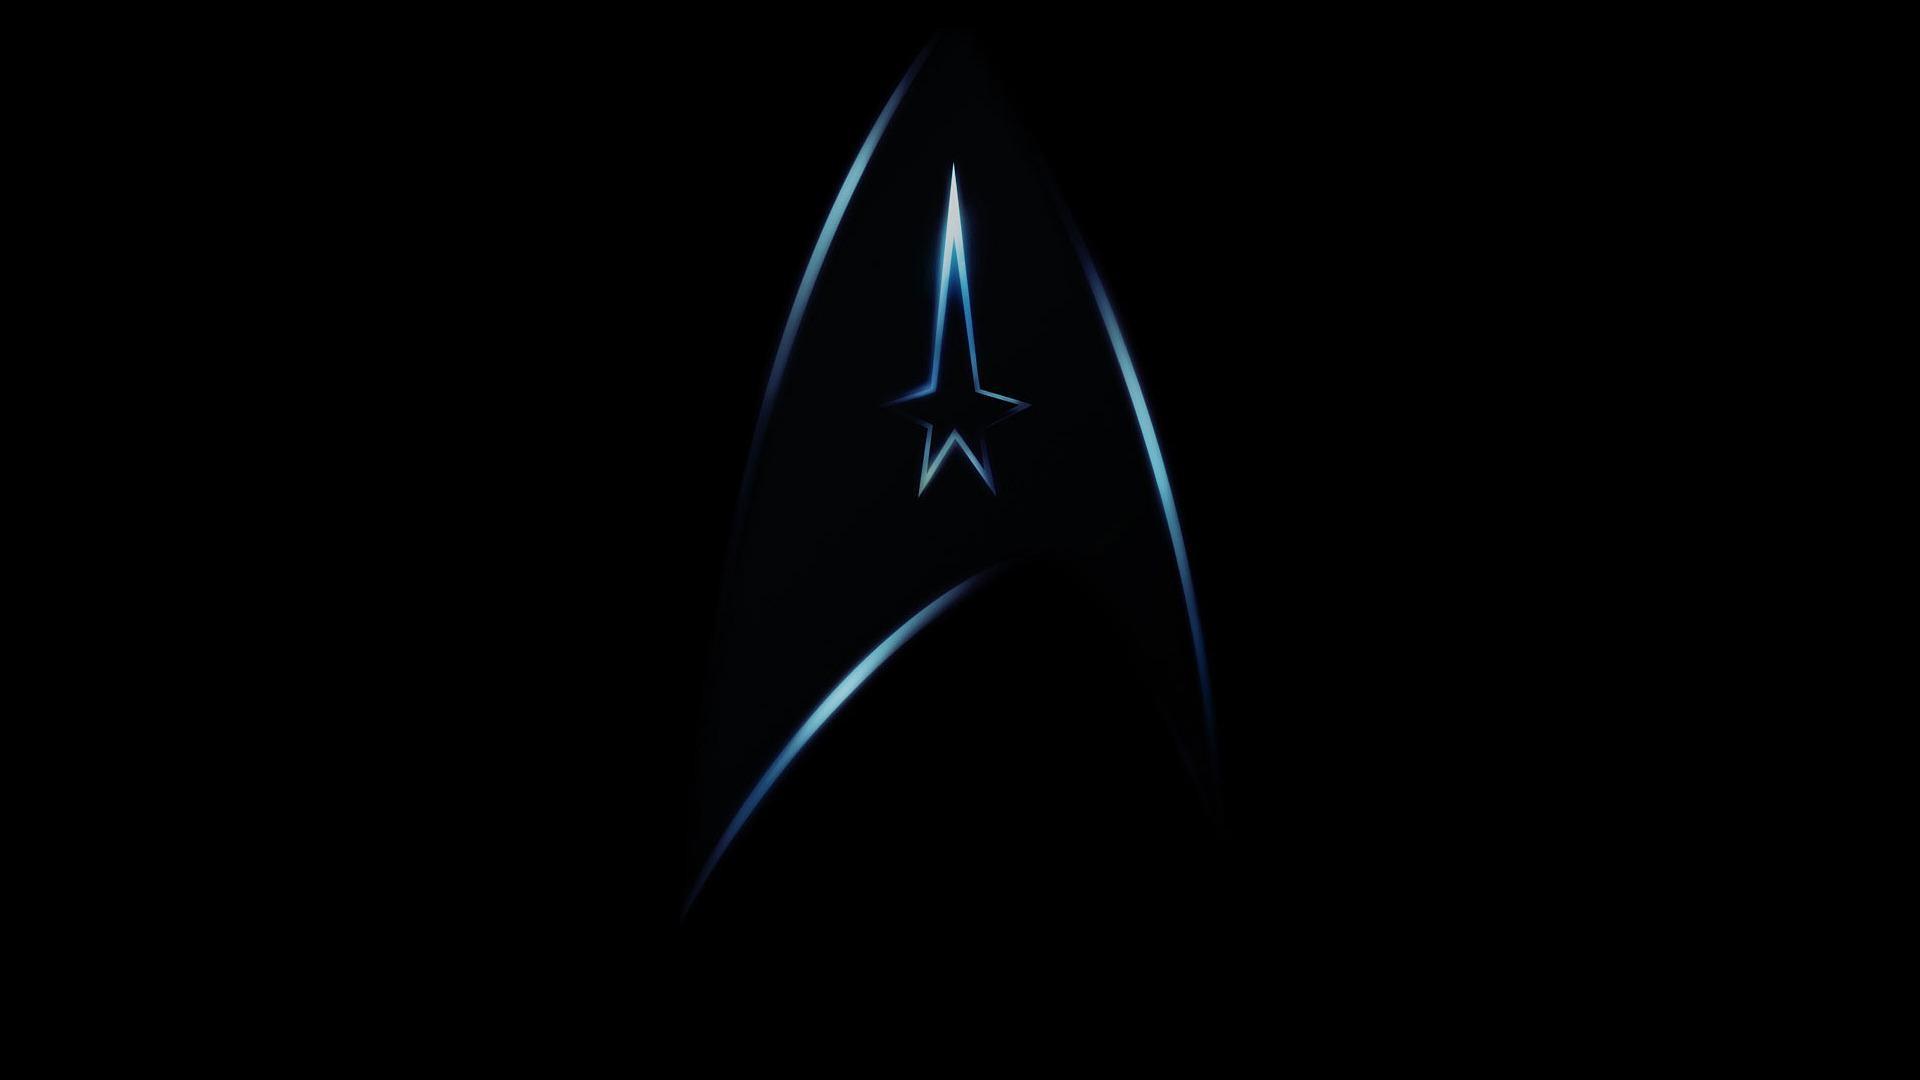 Download Star Trek Logos Free Wallpaper   Full HD Wallpapers